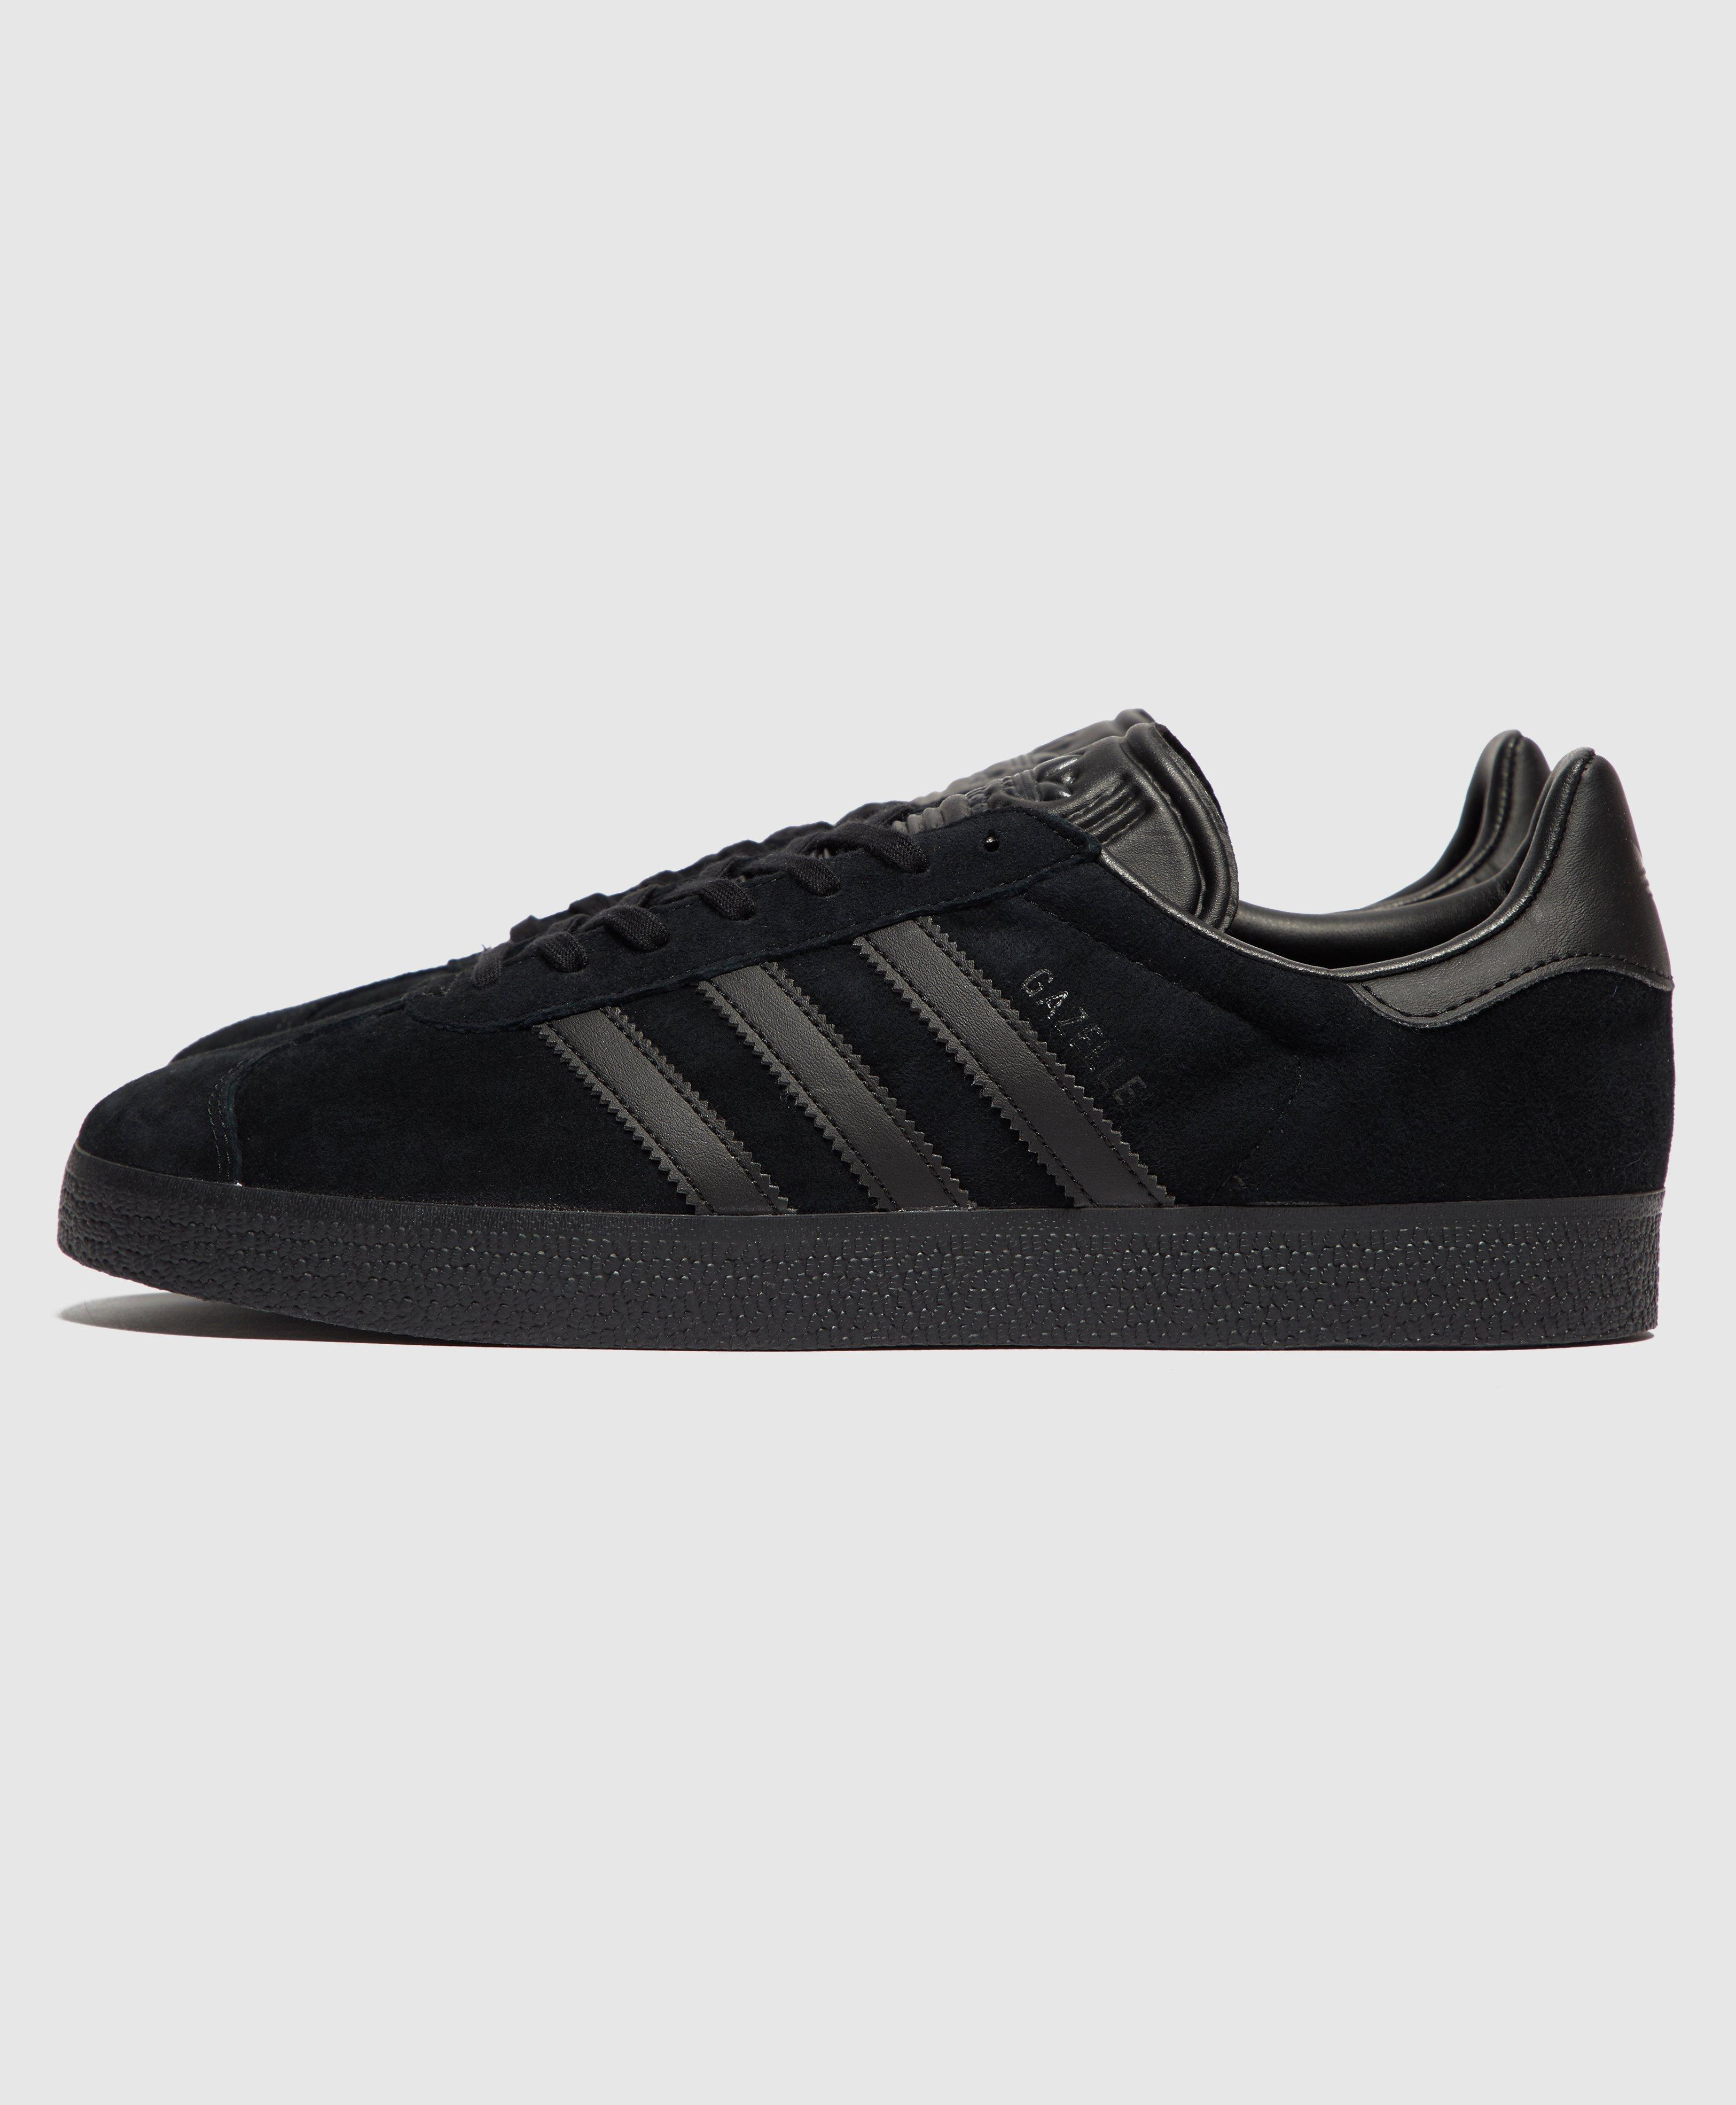 adidas Originals Suede Gazelle in Black